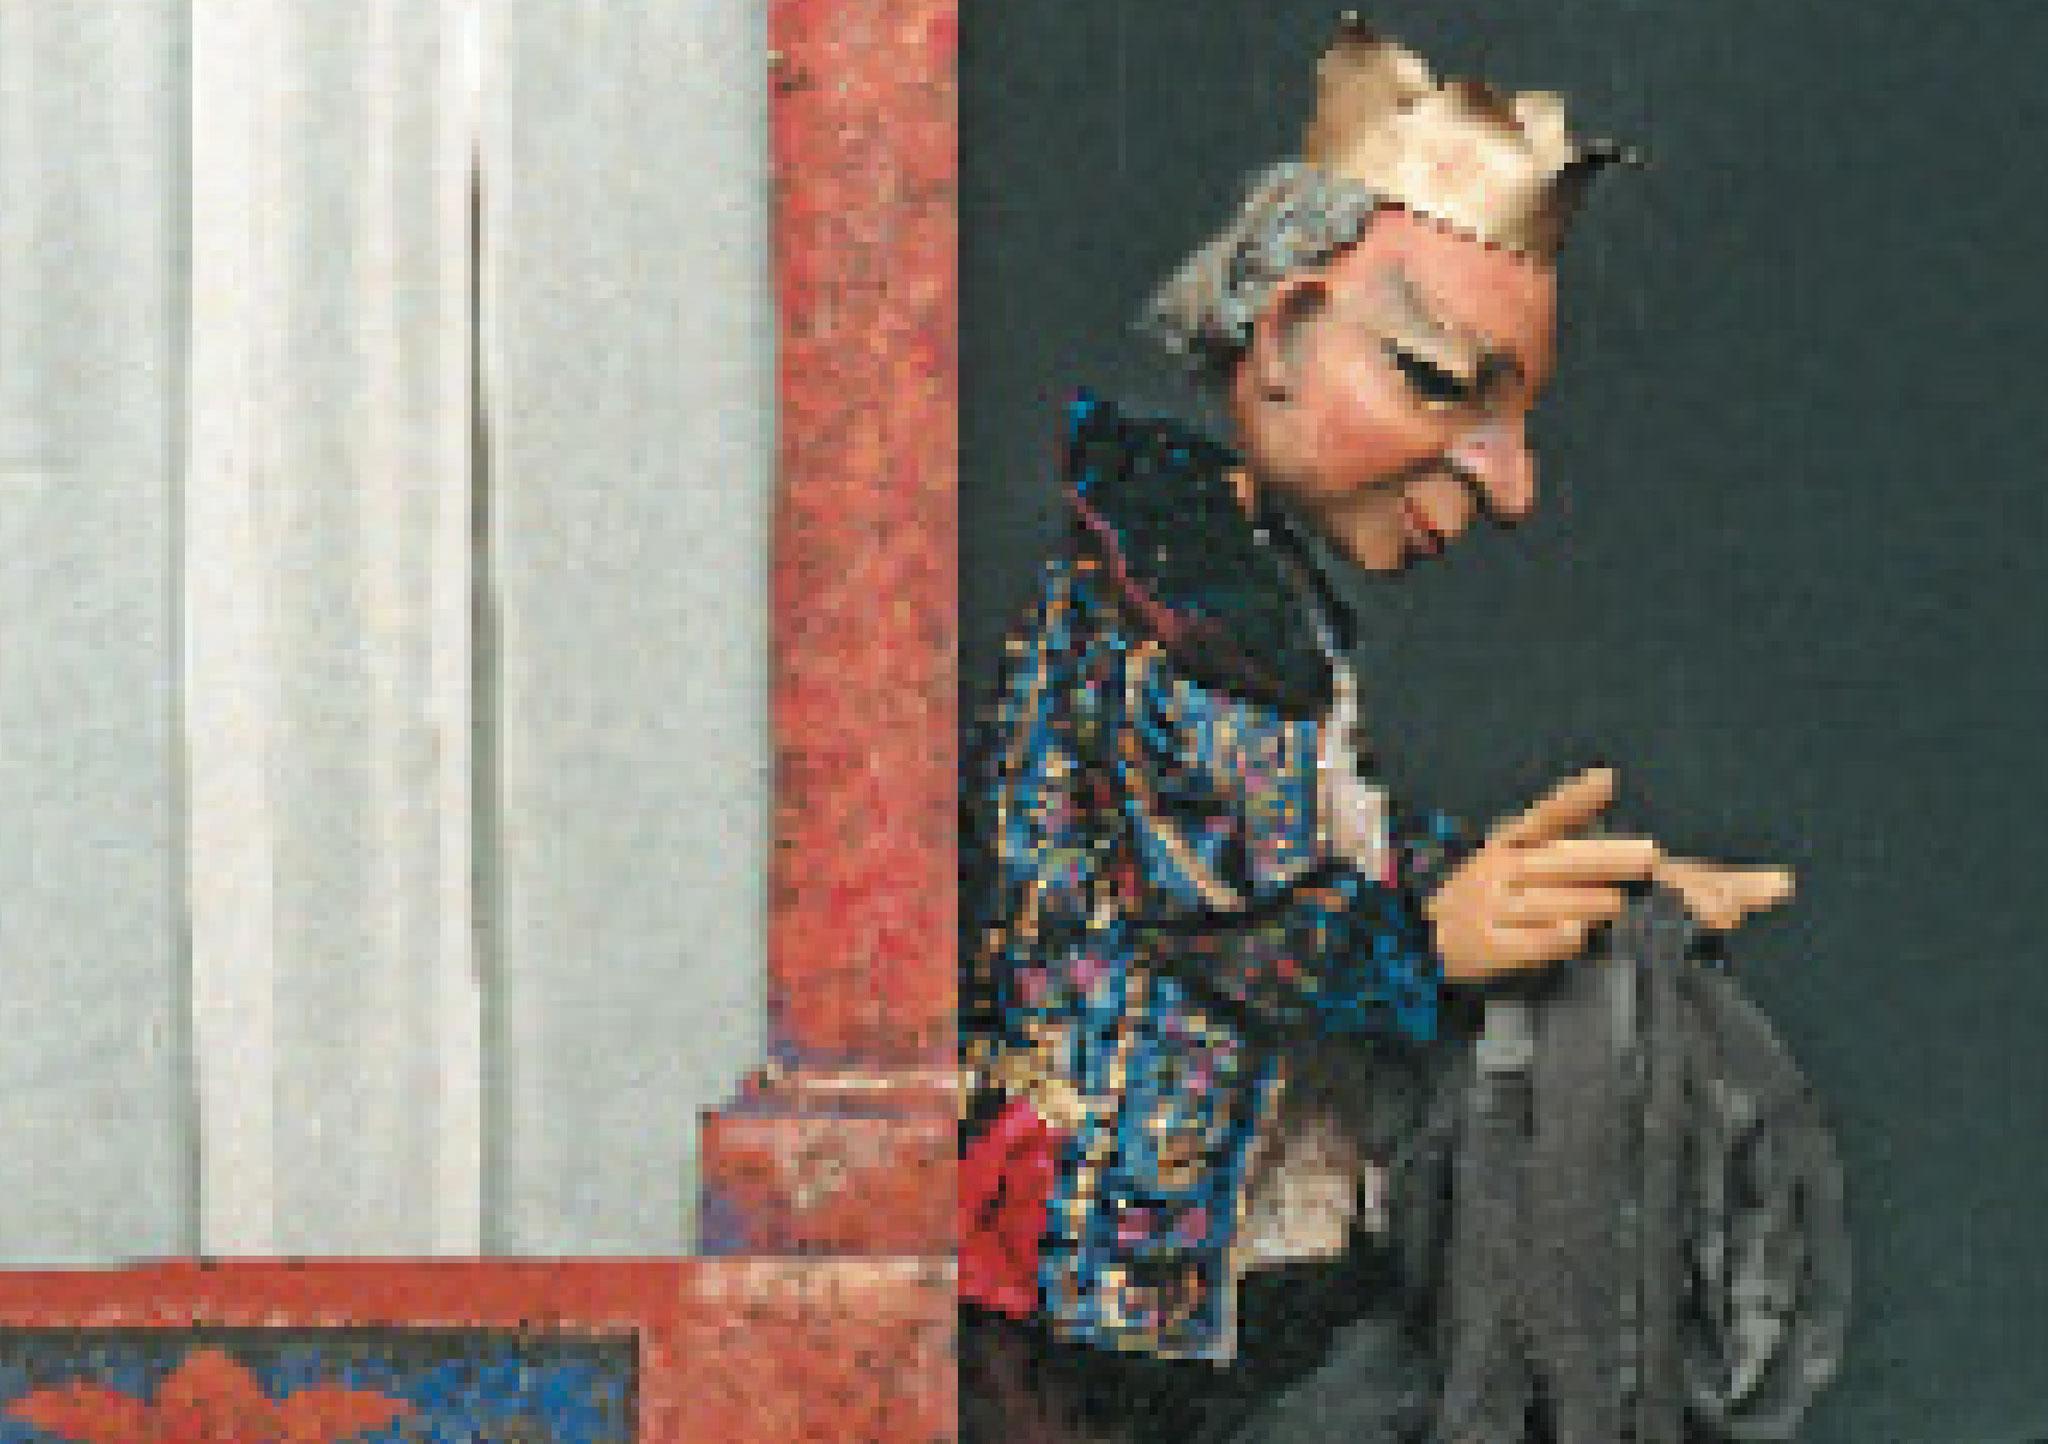 In der nächsten Nacht wachte der König. Er nahm die Haut und liess sie verbrennen – bis nichts mehr übrig war.